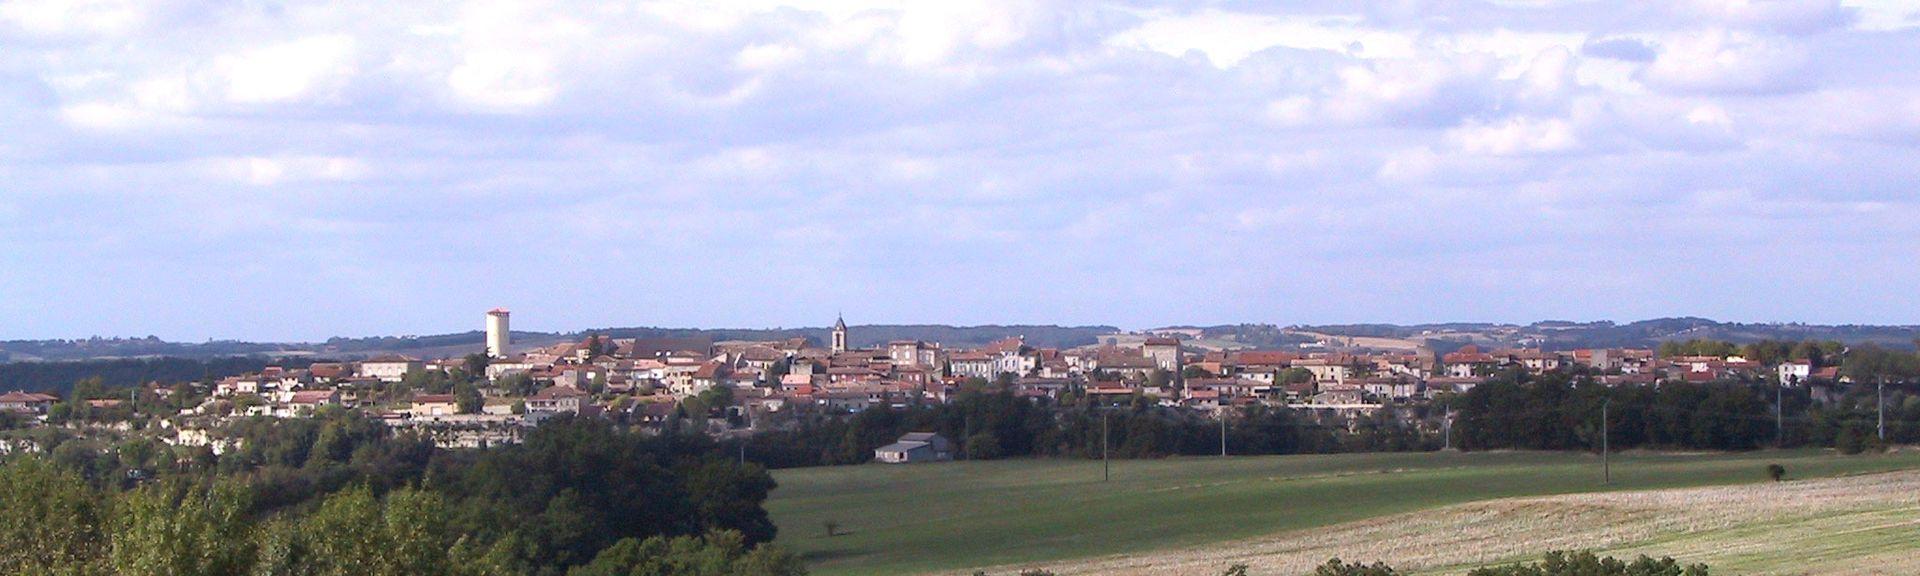 Castelculier, France